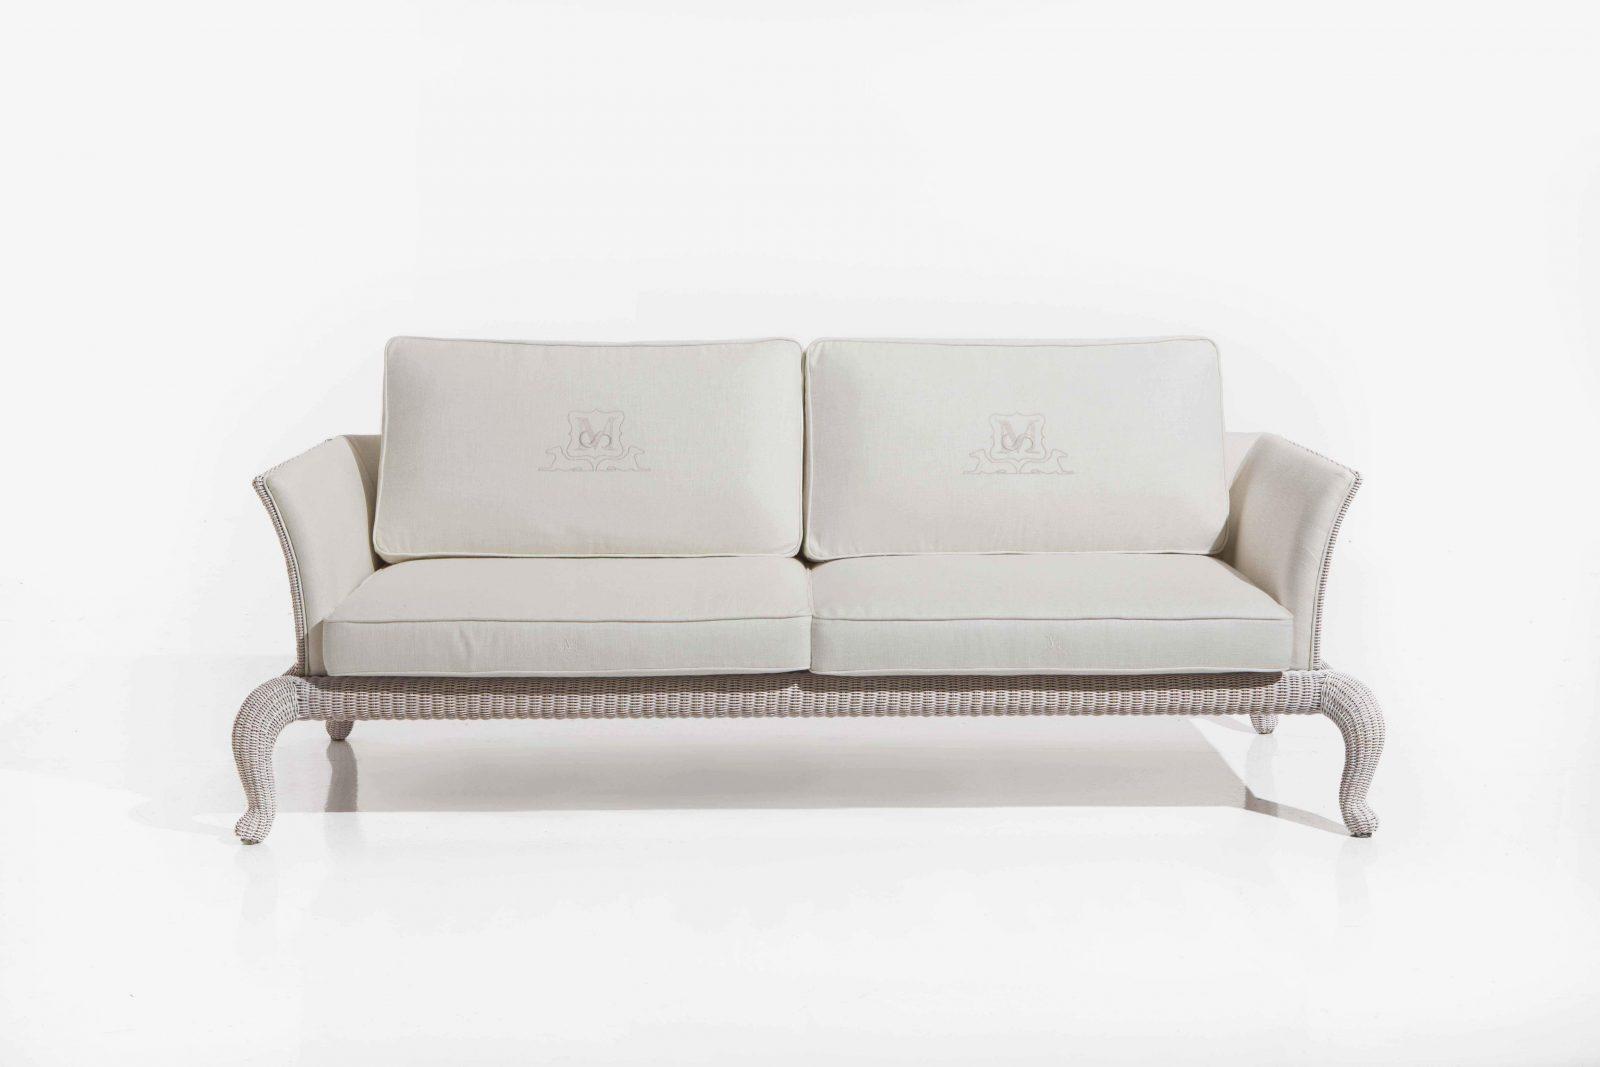 Kleines Sofa Jugendzimmer Inspirierend Couch Kinderzimmer Couch Fur von Kleine Couch Für Jugendzimmer Bild